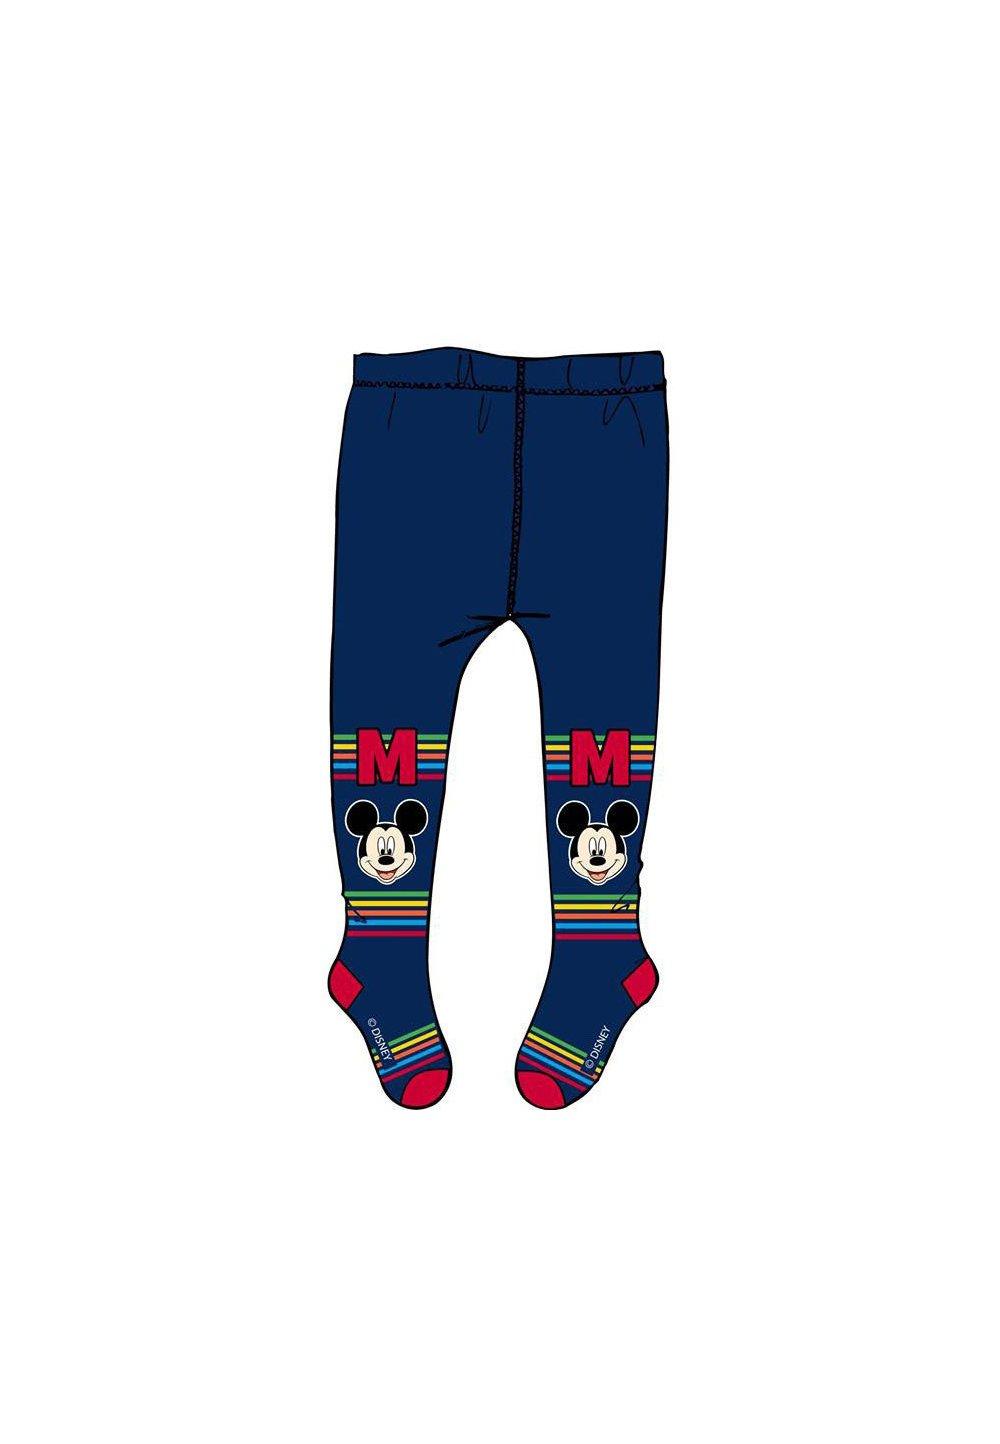 Ciorapi cu chilot bleu MK172 imagine